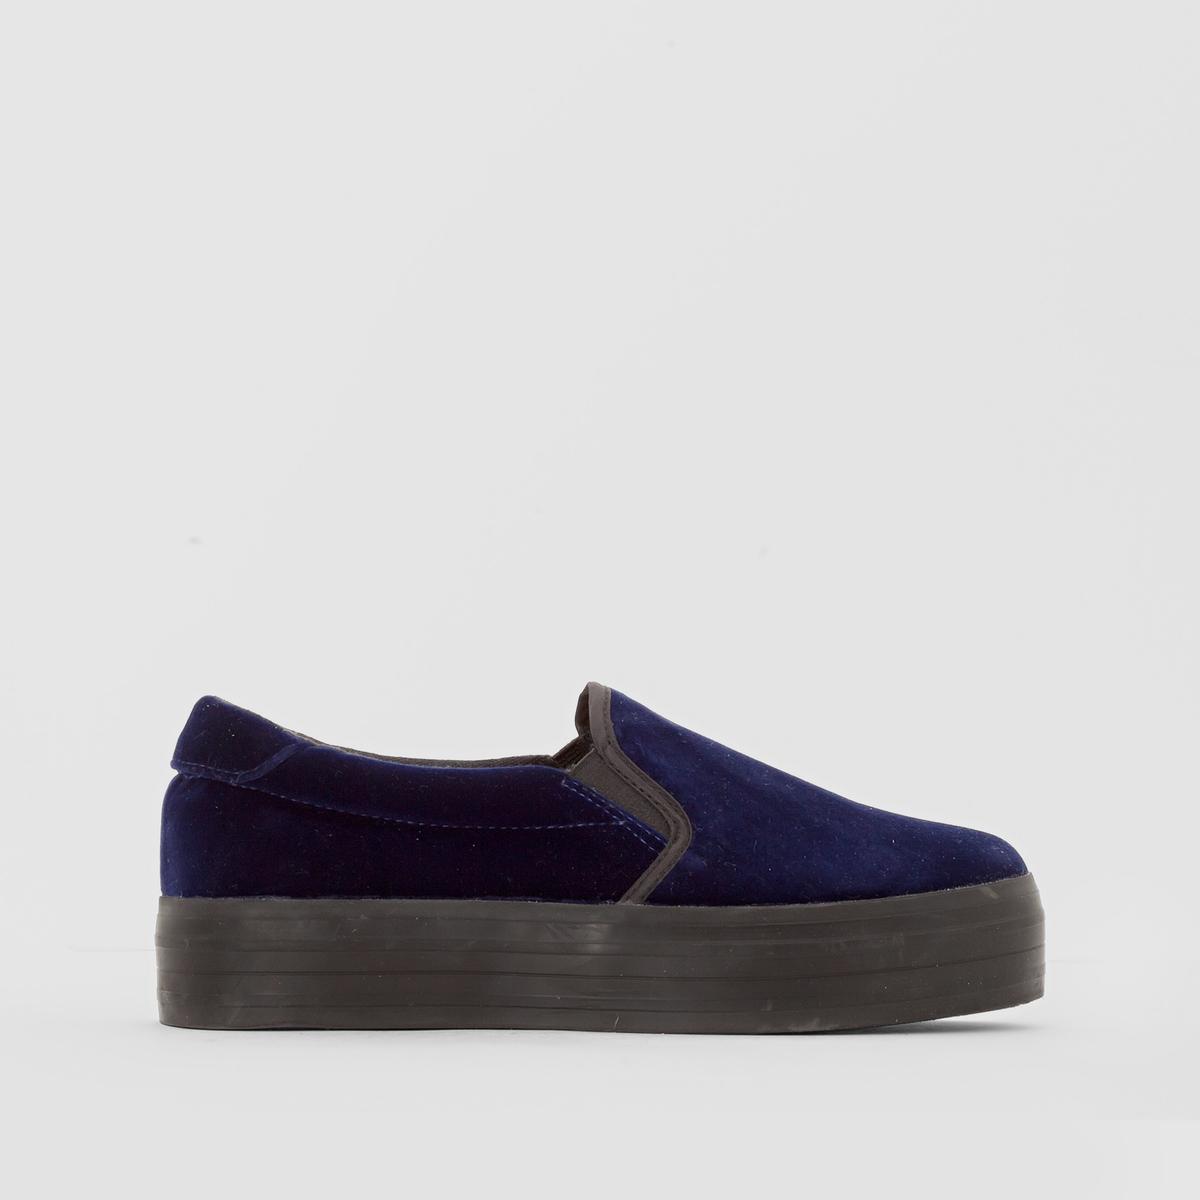 Слипоны на платформеПреимущества : низкие кеды, оригинальная платформа, удобная обувь на каждый день.<br><br>Цвет: бордовый,синий морской<br>Размер: 36.39.38.37.41.39